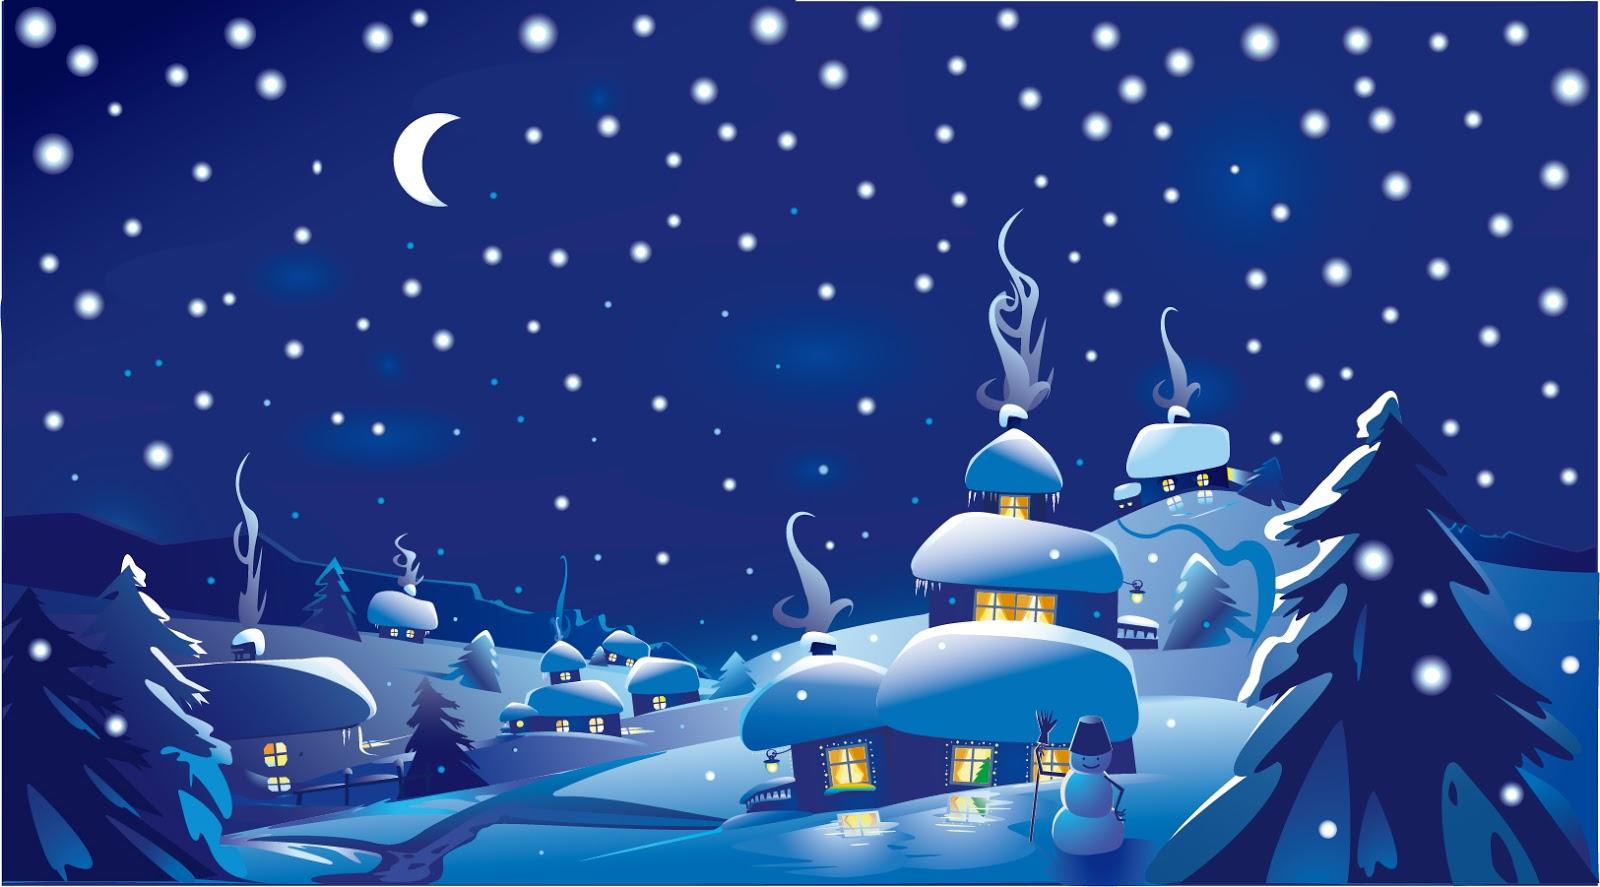 Free Vector がらくた素材庫 美しいクリスマス シーンの背景 Beautiful Christmas